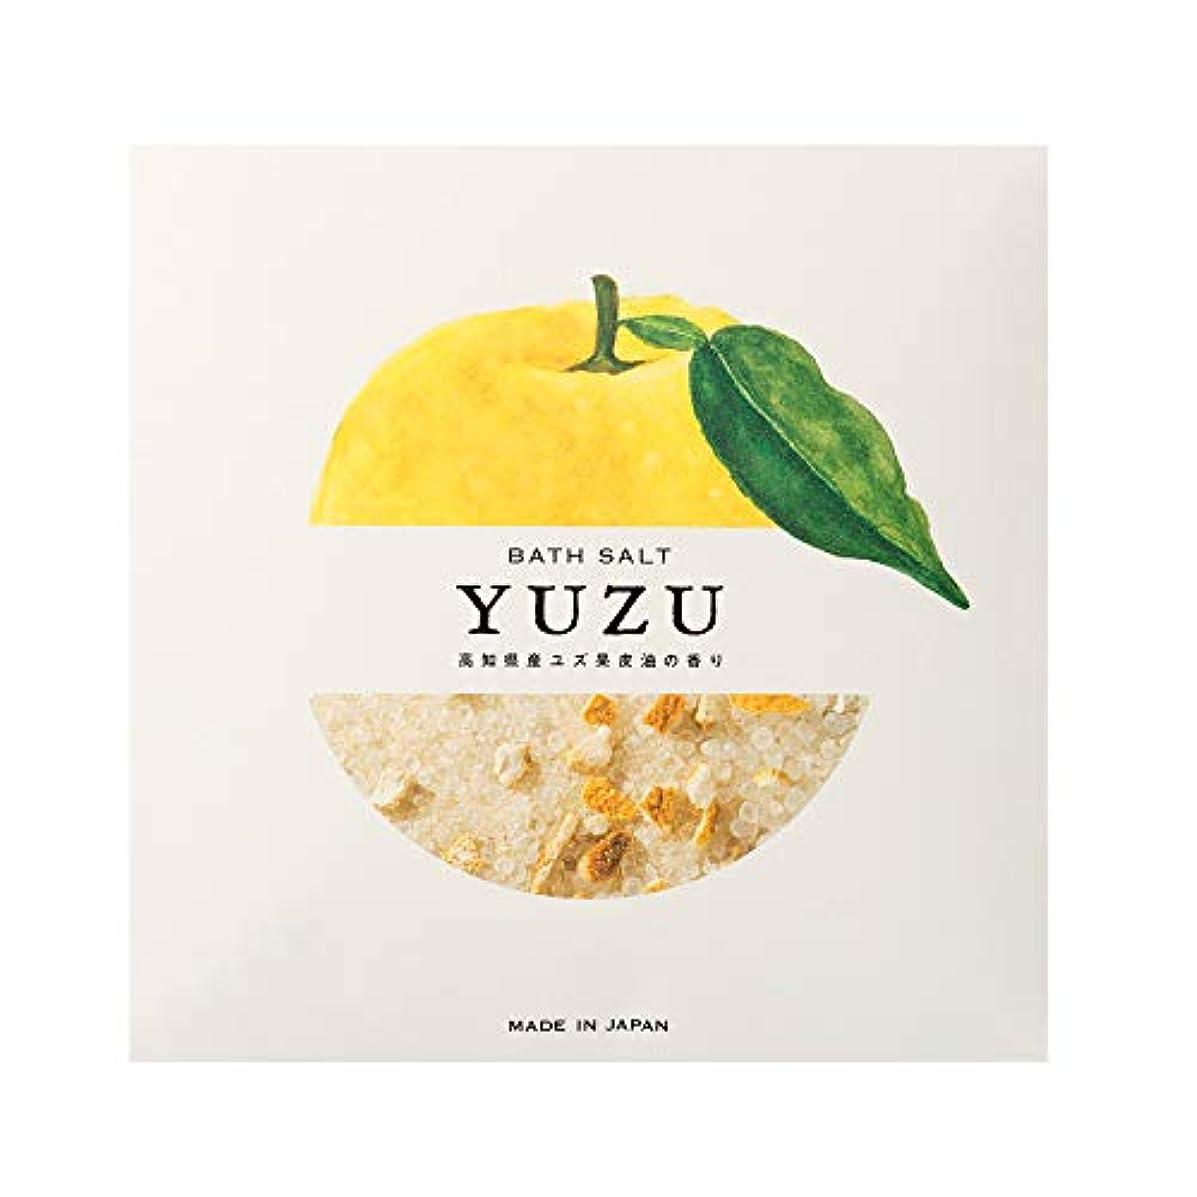 高知県産YUZUピール入りバスソルト